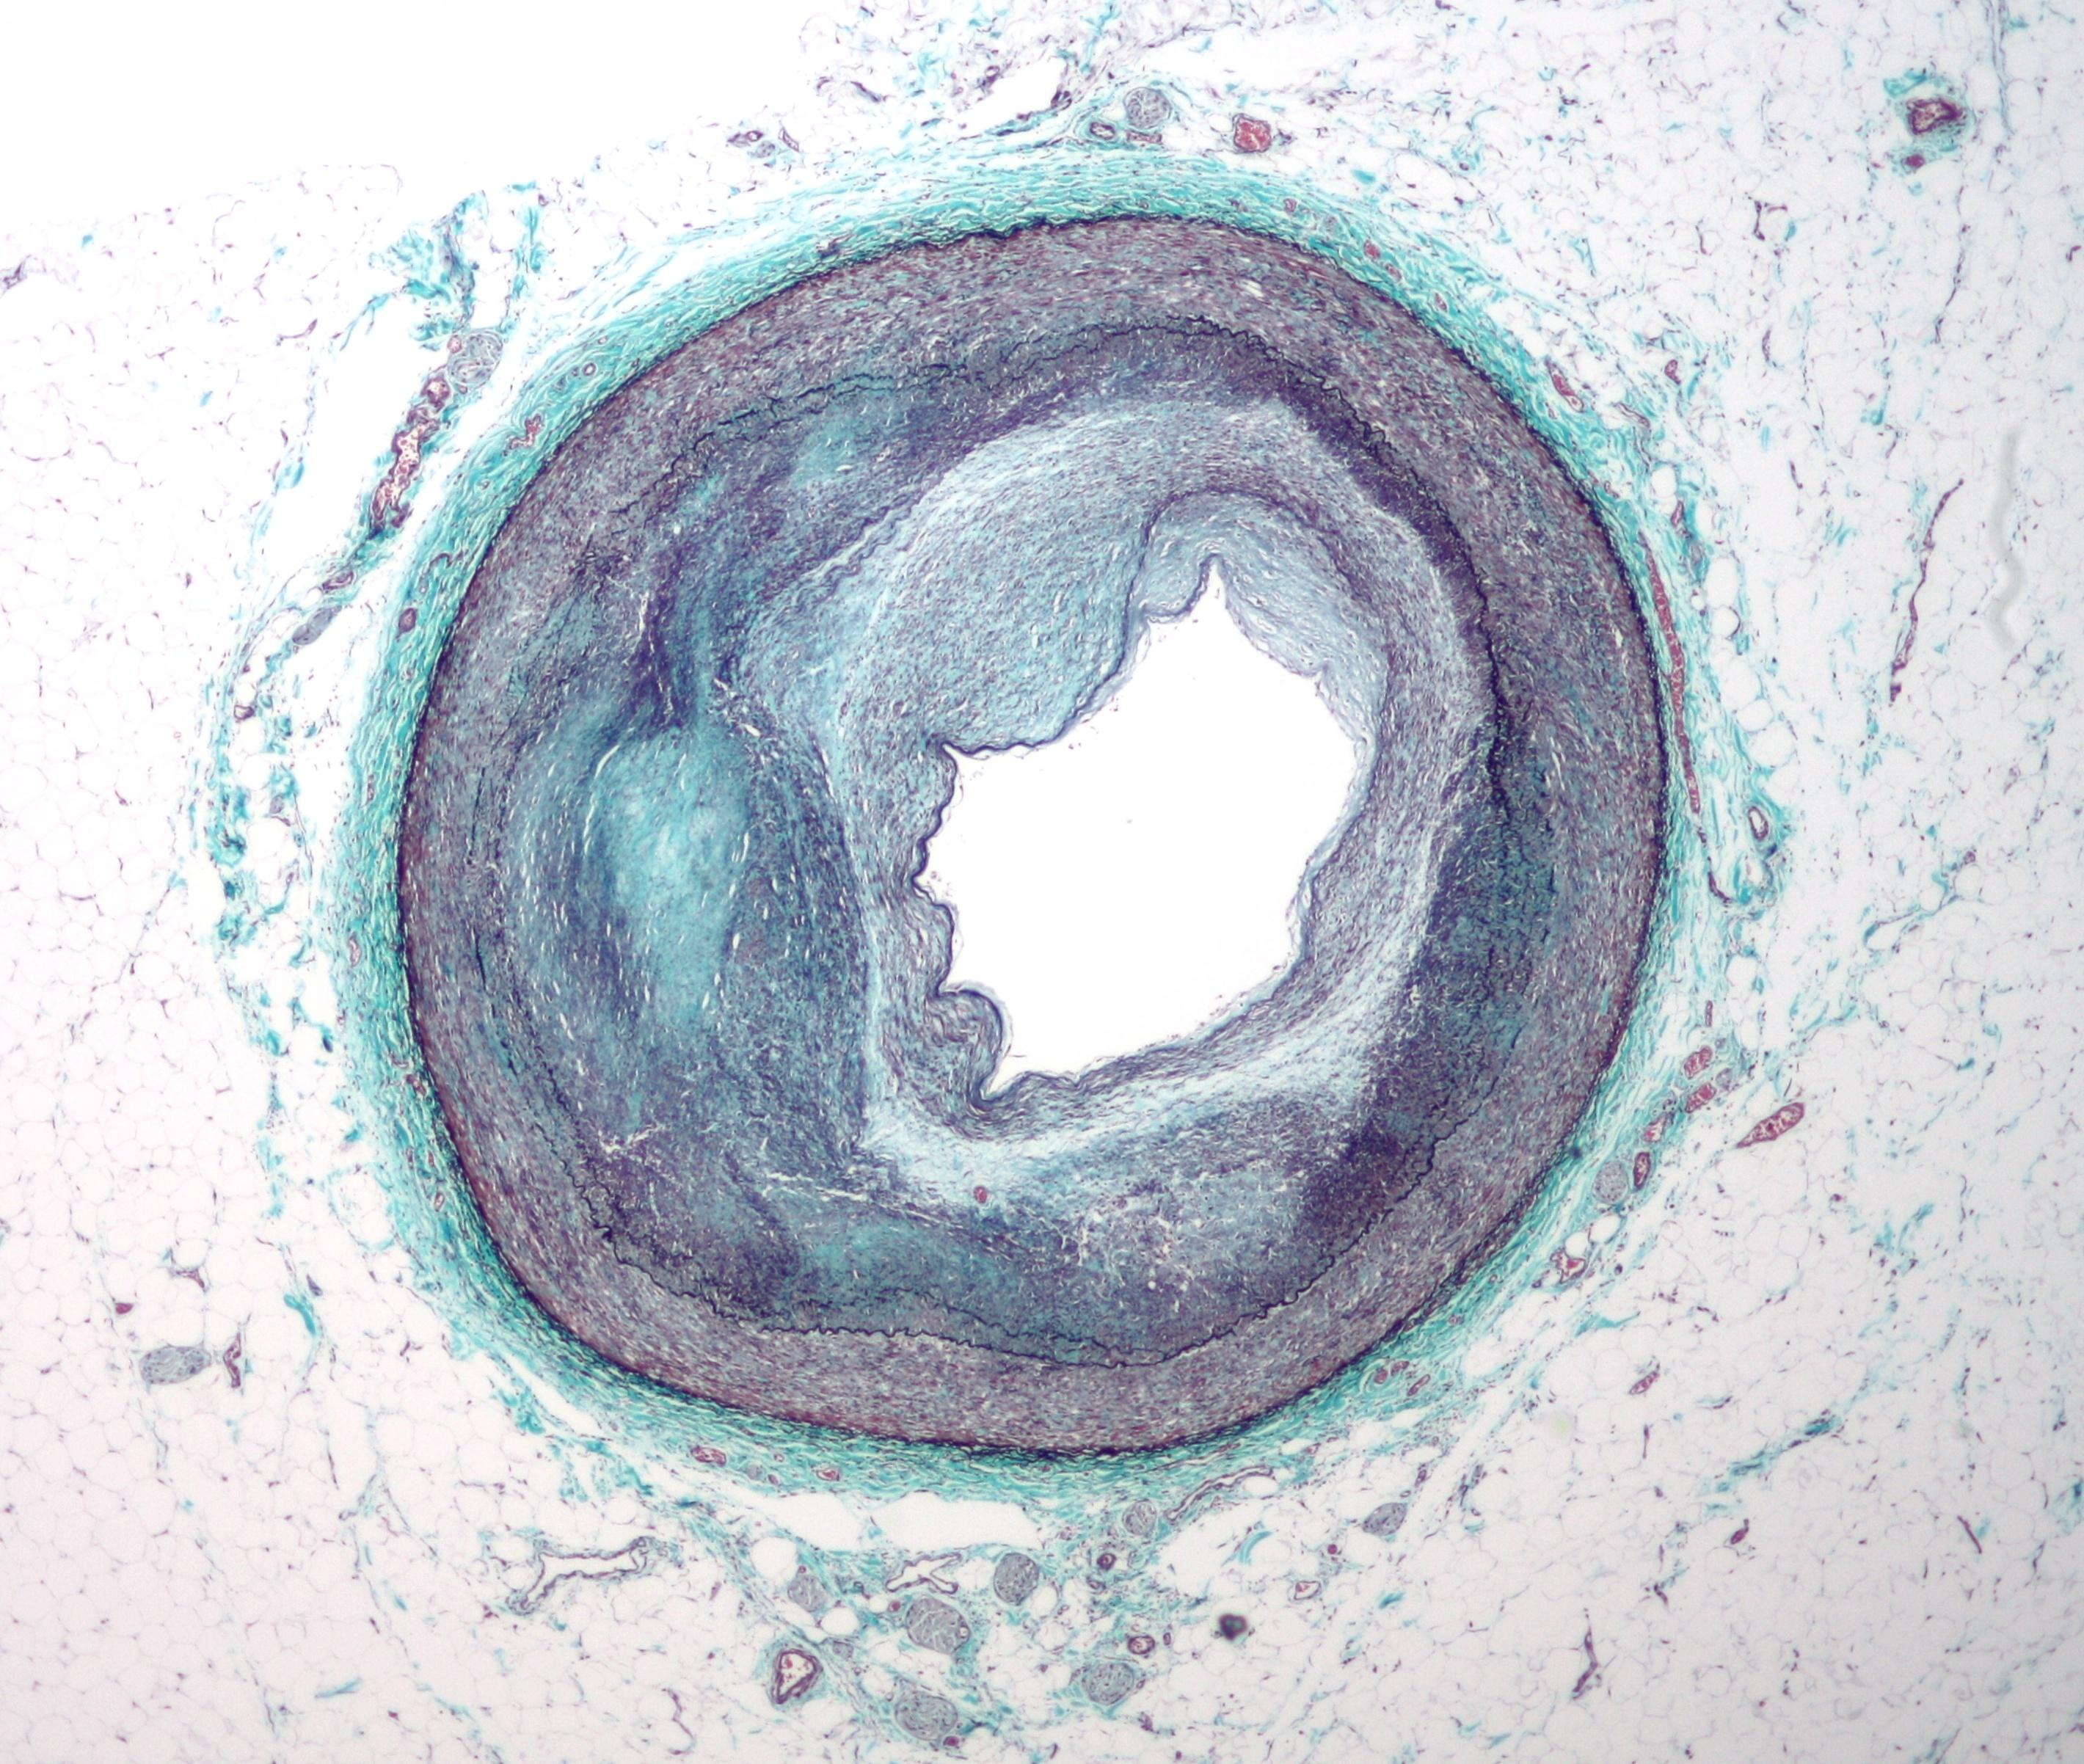 Prierez koronárnej artérie, zúženej aterosklerózou